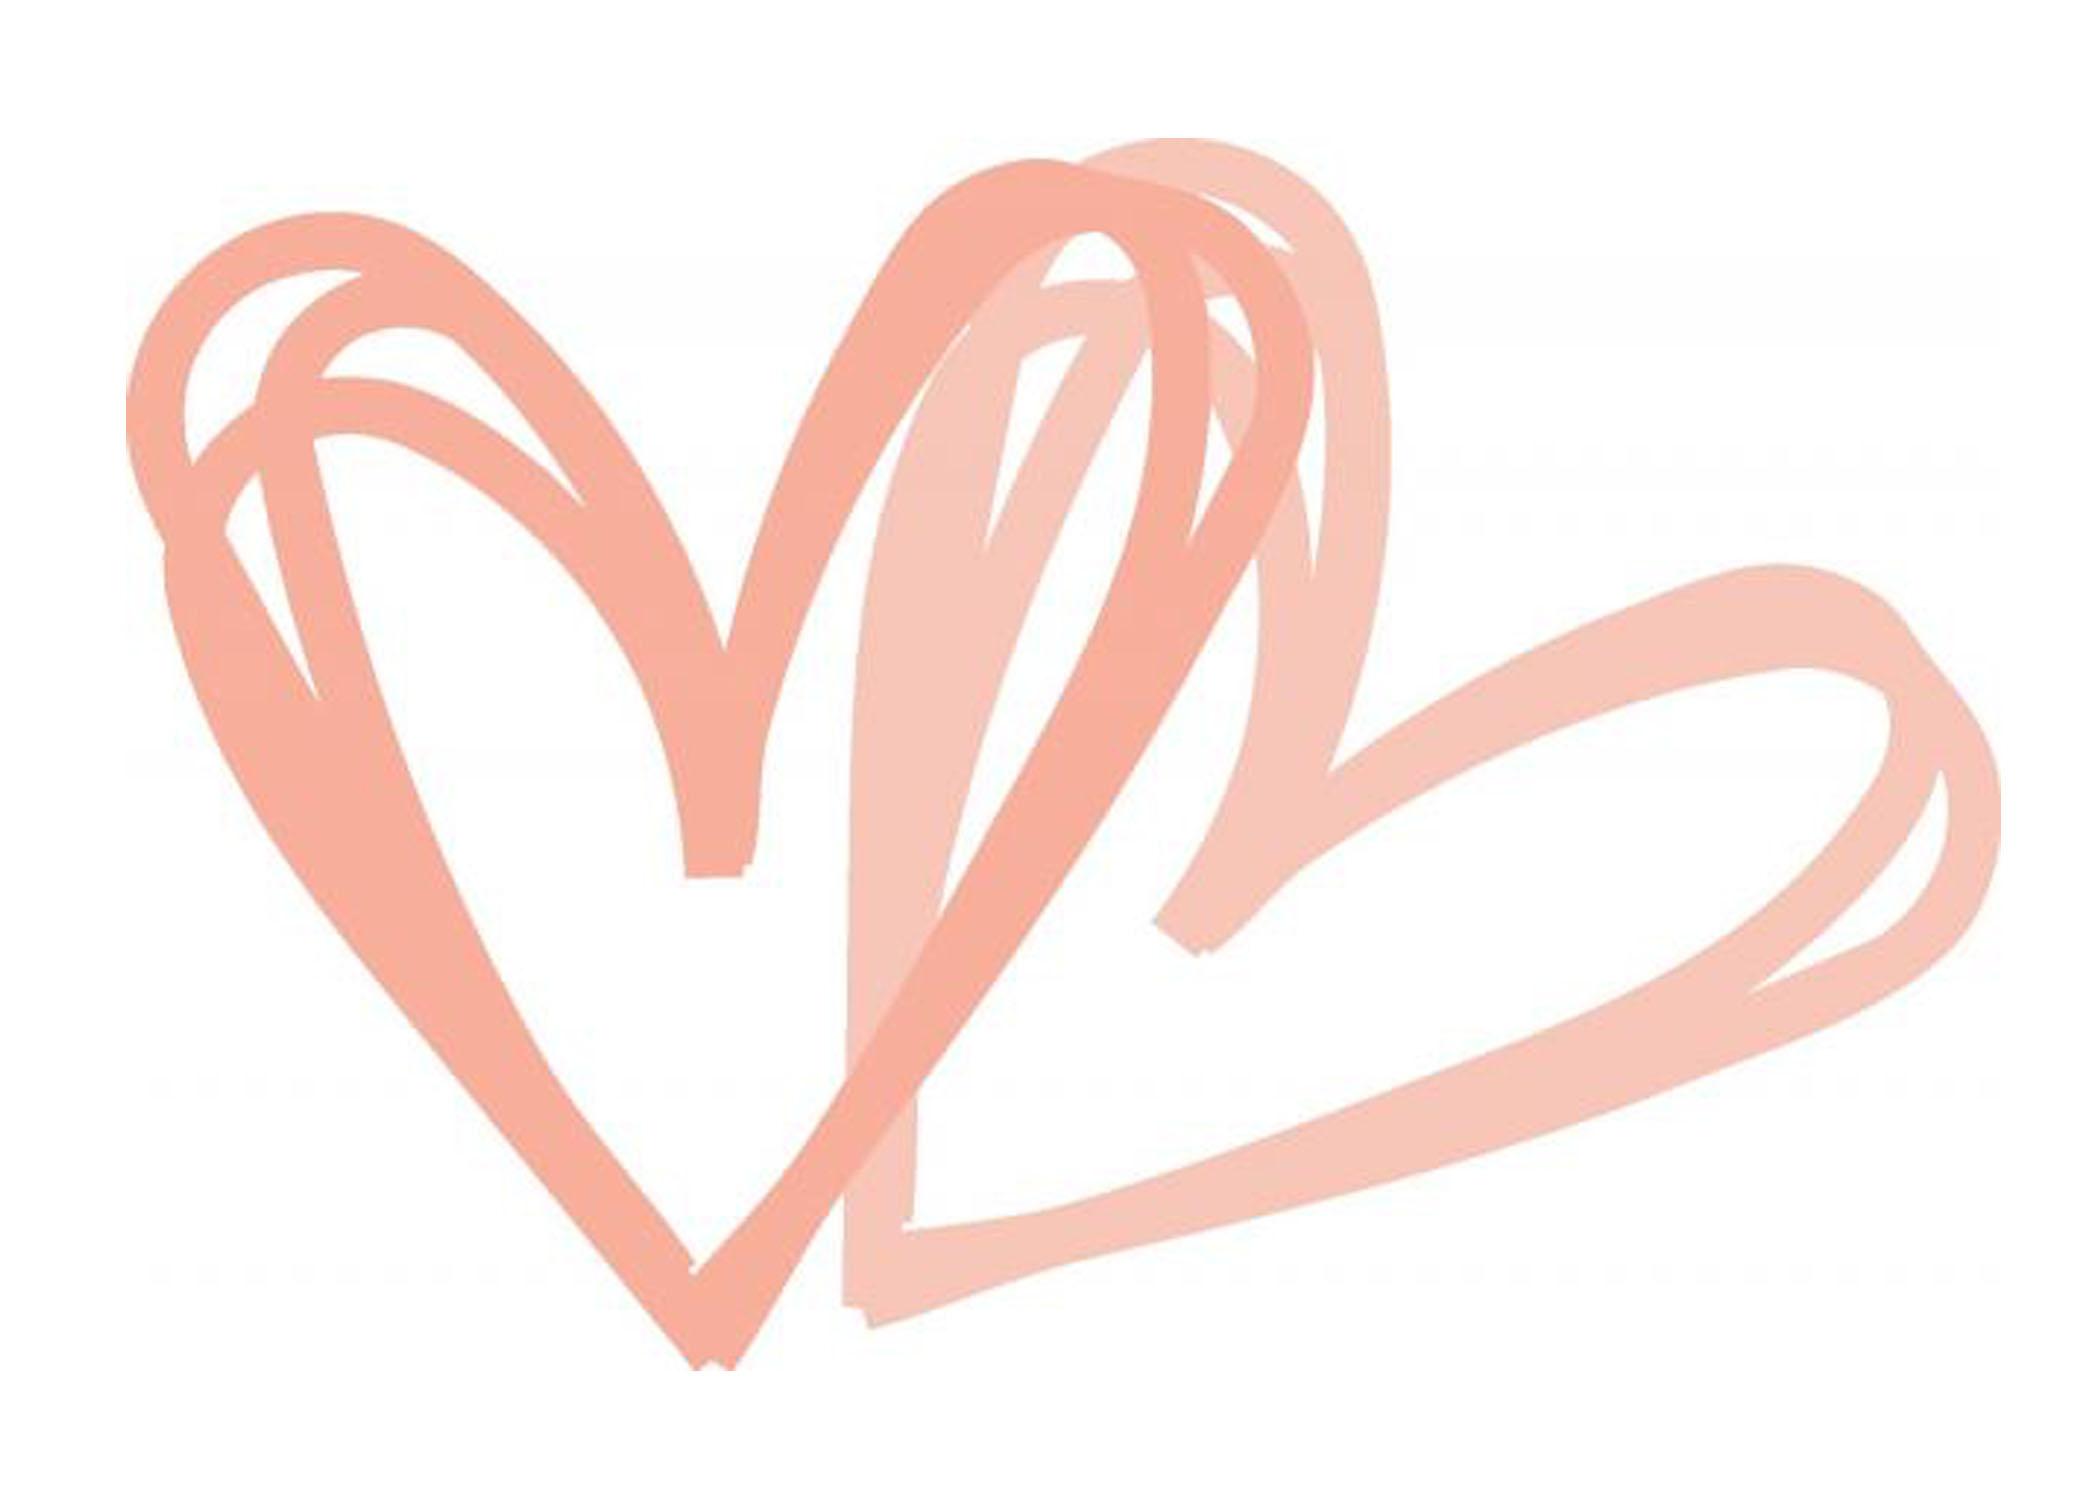 Sketch Hearts